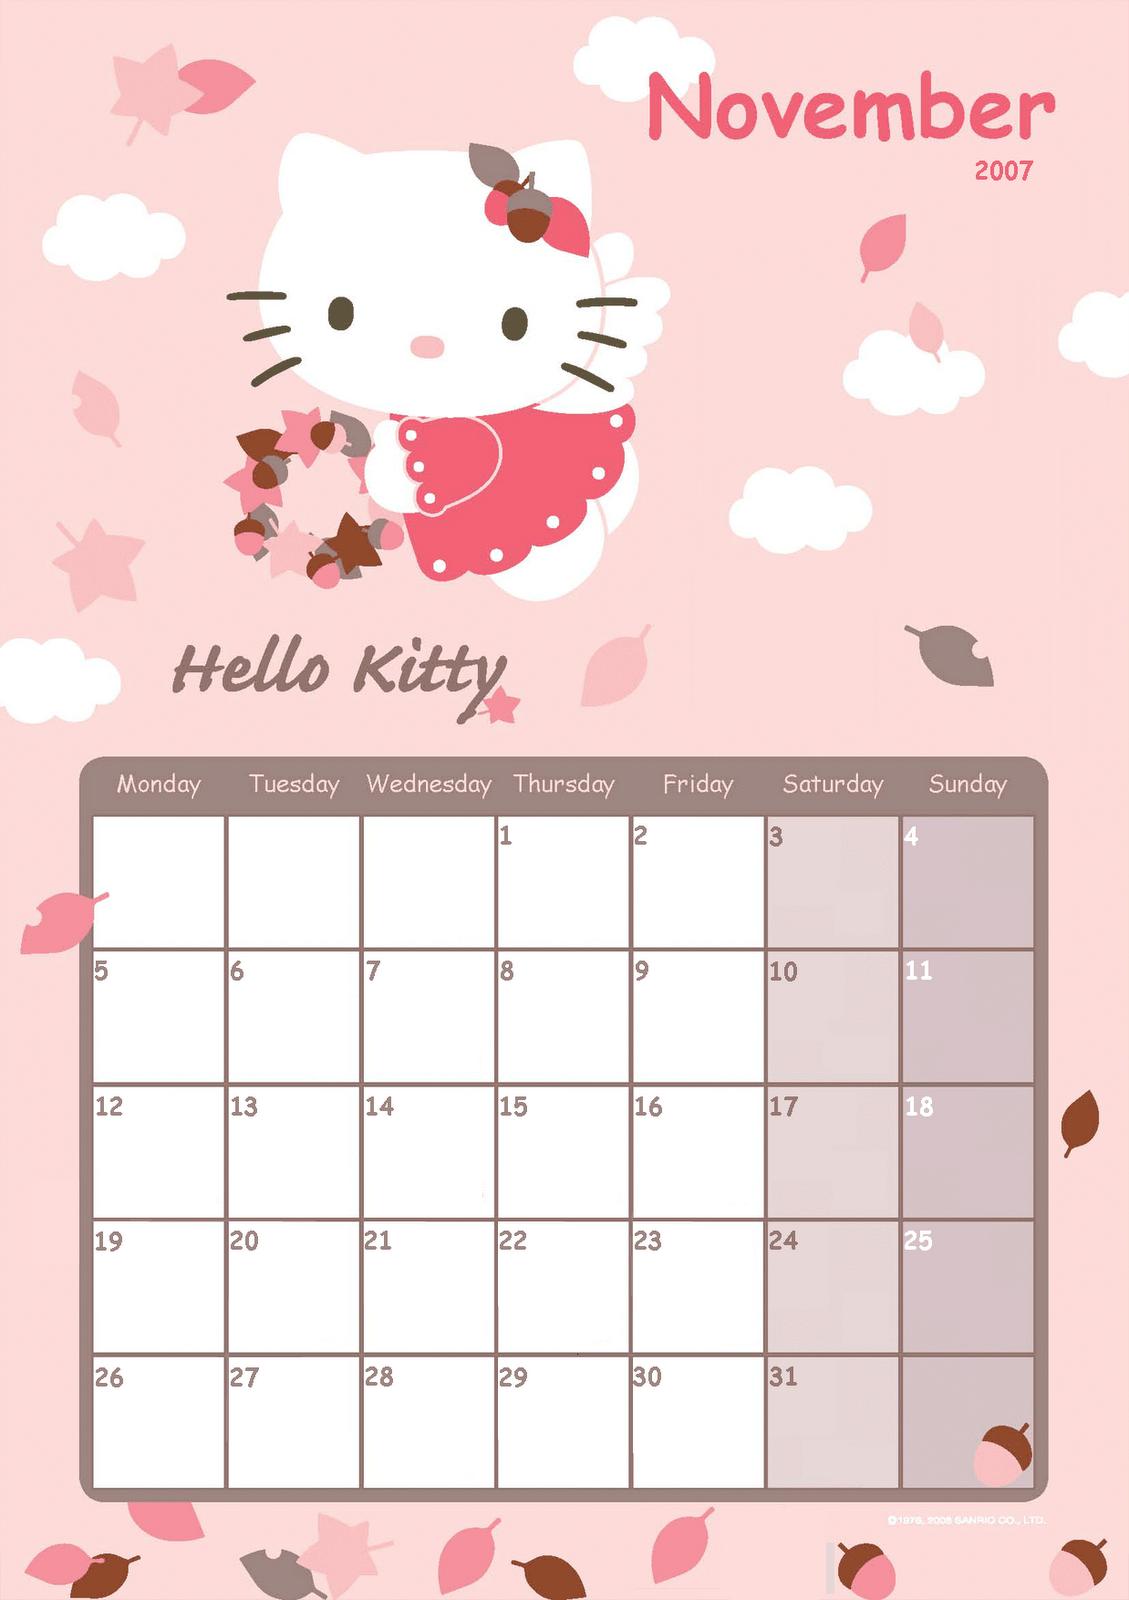 Hello Kitty Calendar Free Printable | Calendar Template